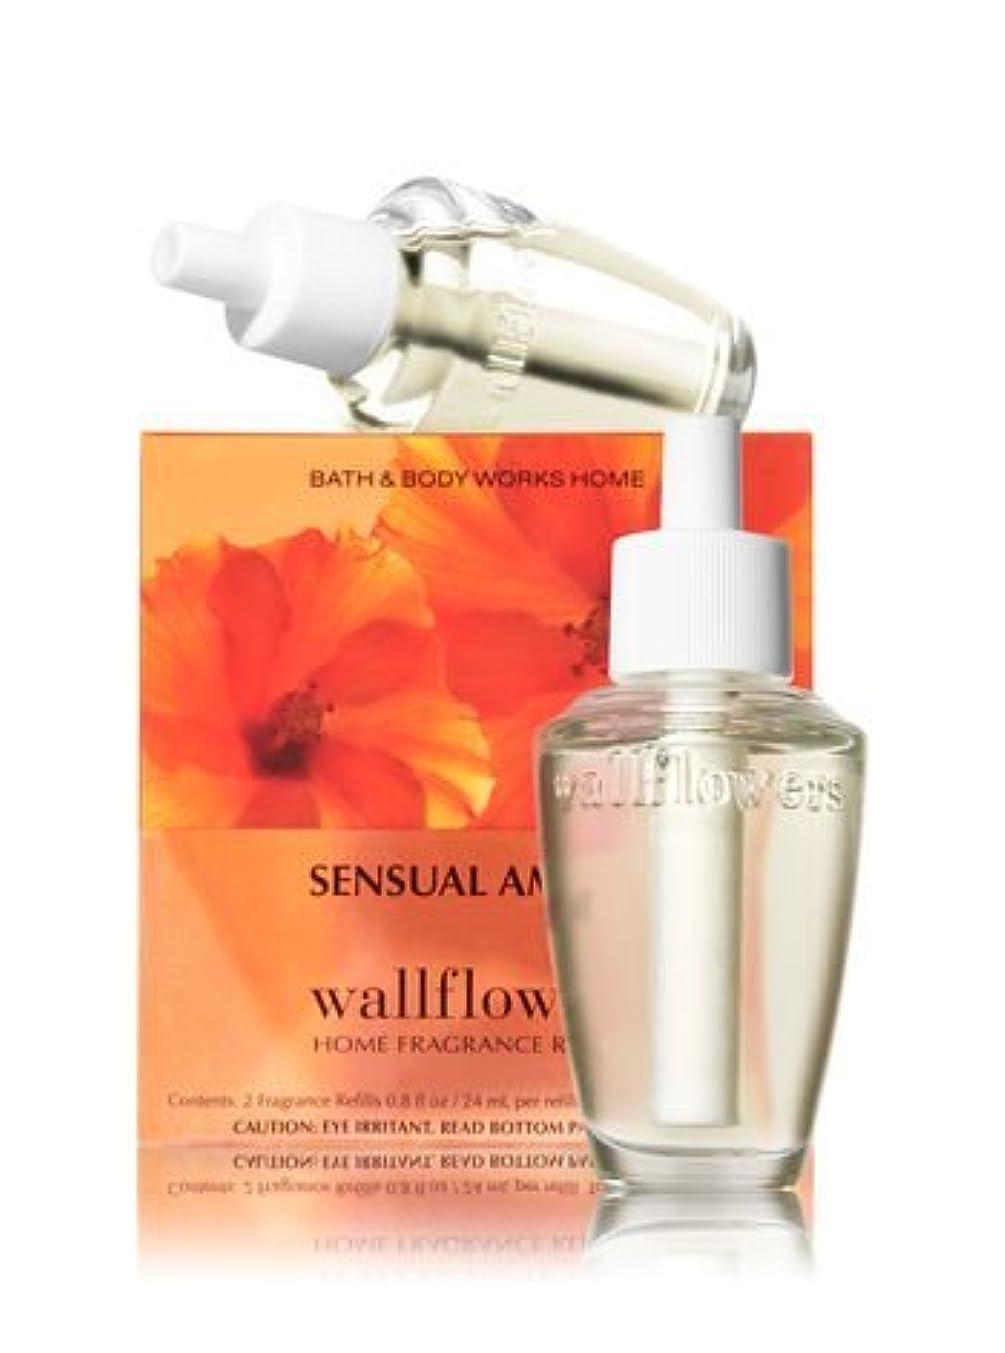 半径形状推定【Bath&Body Works/バス&ボディワークス】 ルームフレグランス 詰替えリフィル(2個入り) センシュアルアンバー Wallflowers Home Fragrance 2-Pack Refills Sensual Amber [並行輸入品]